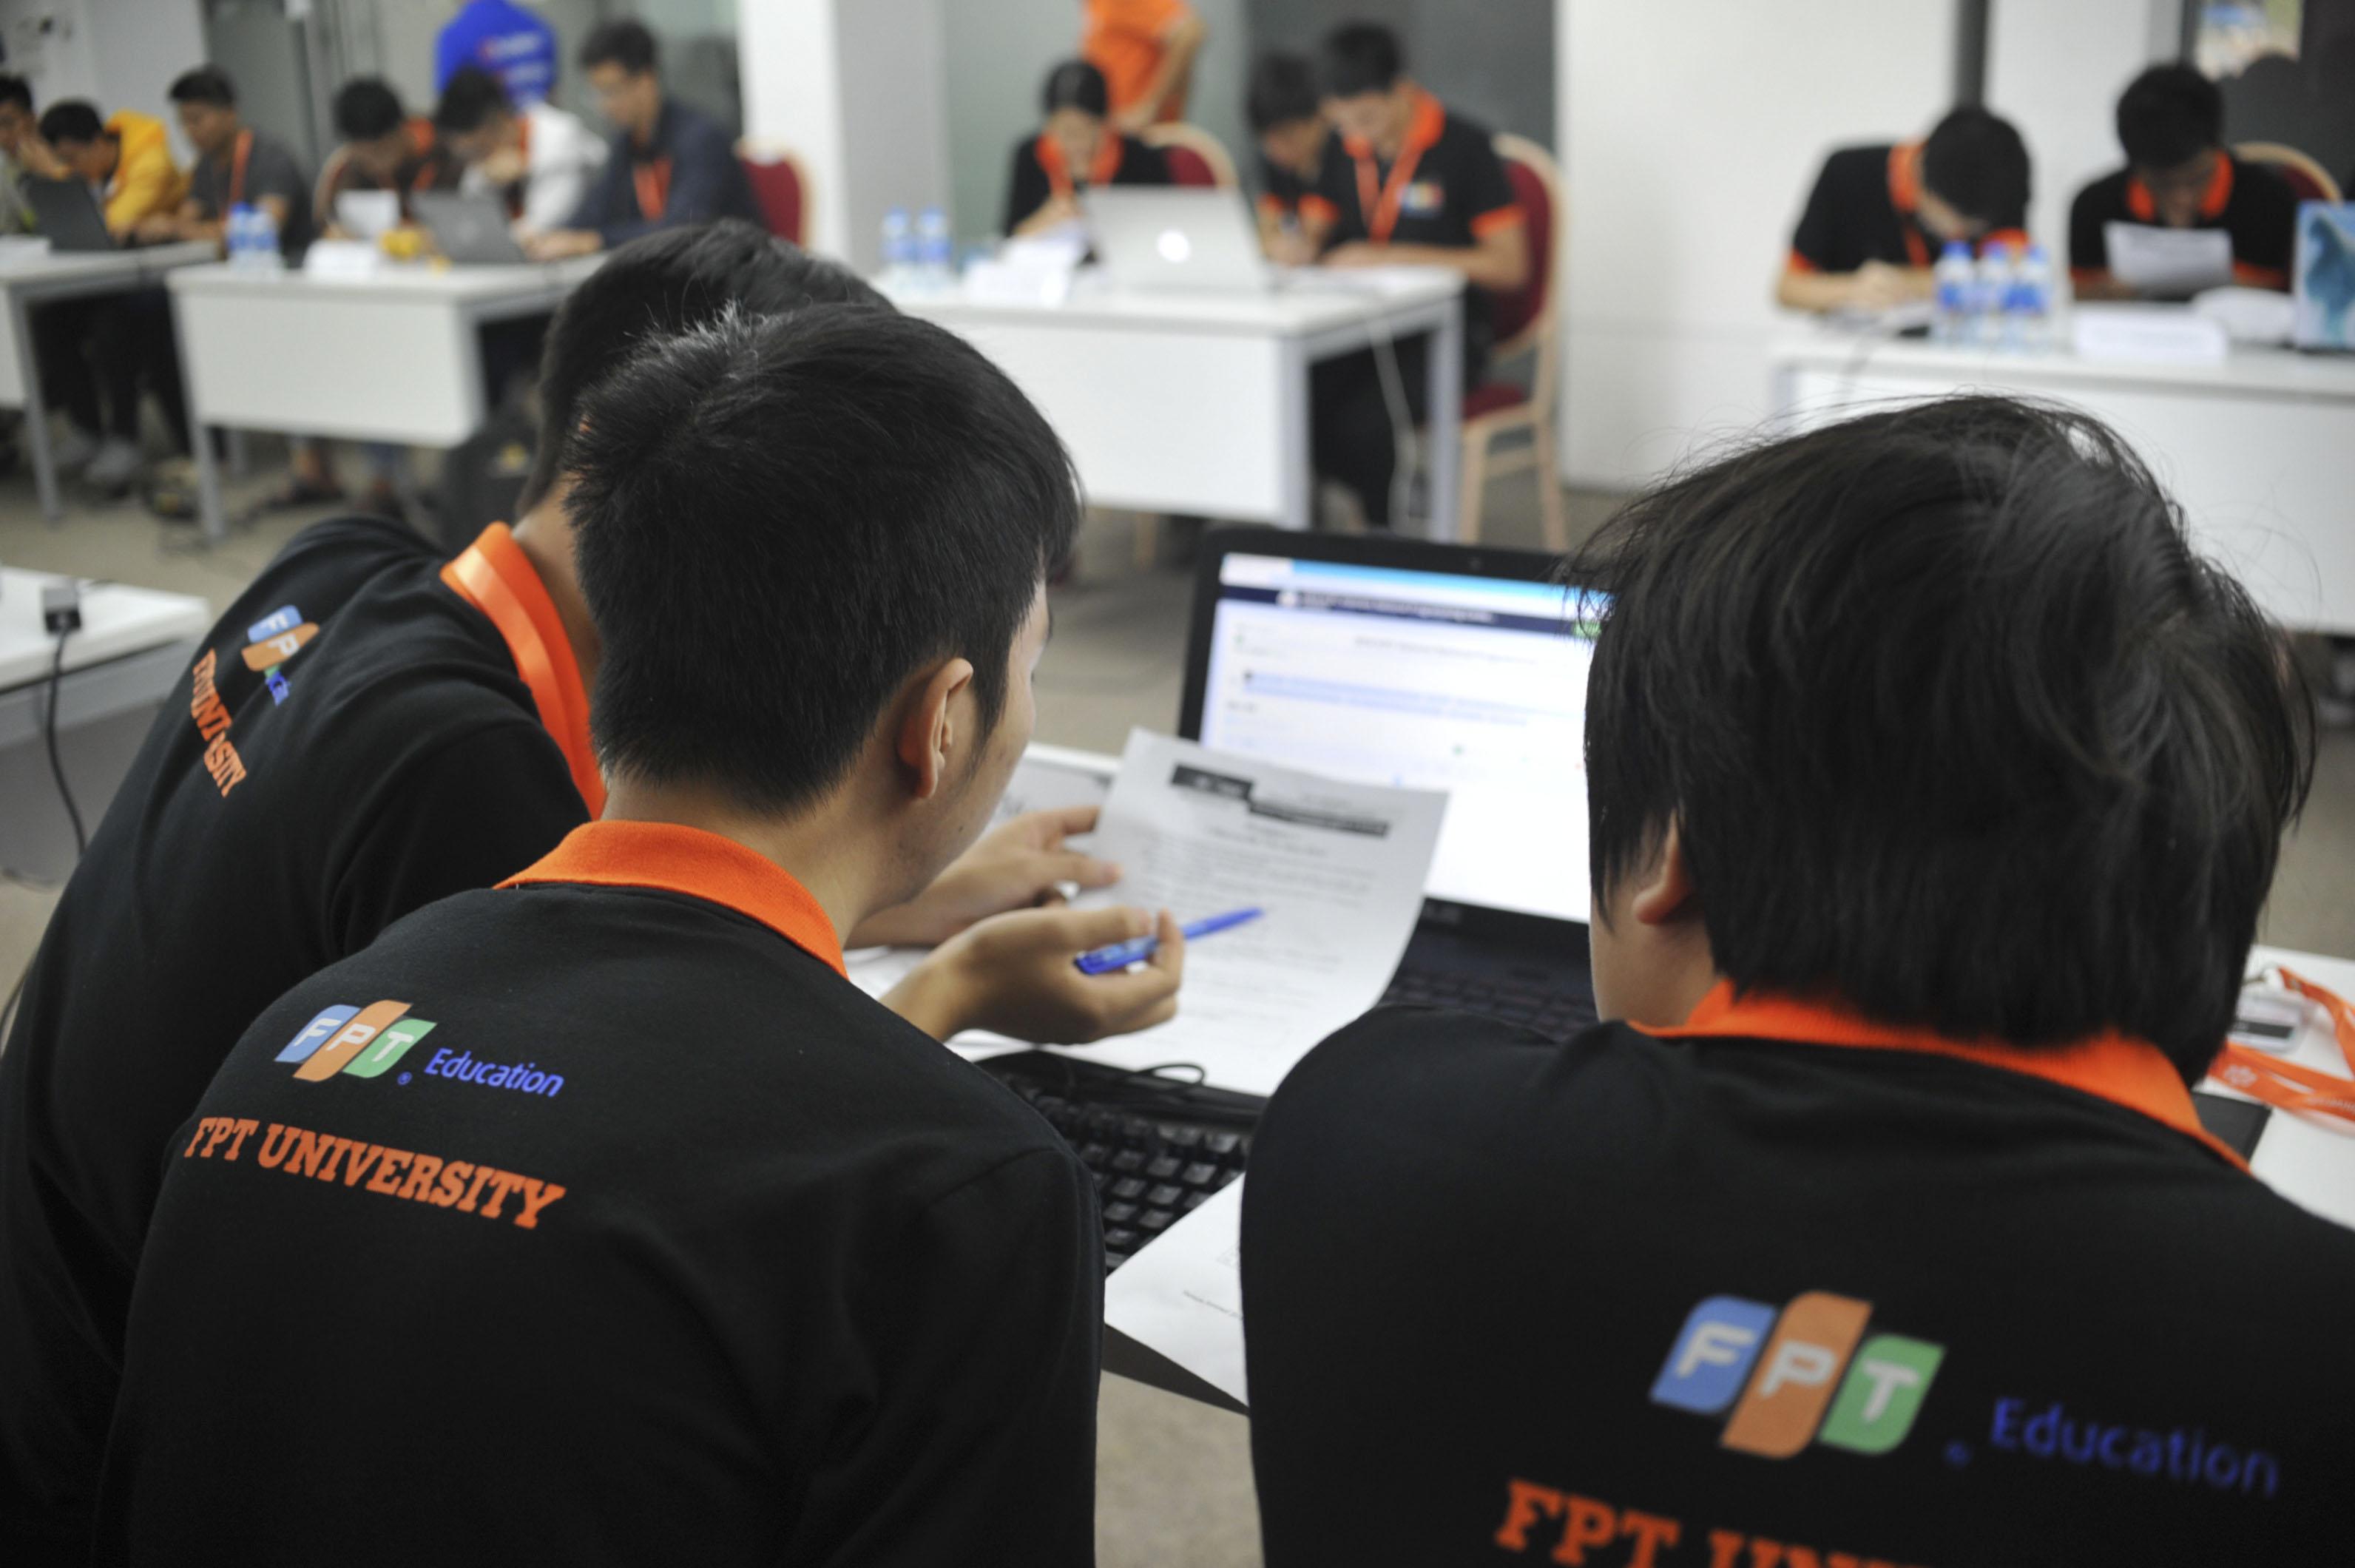 ACM/ICPC là cuộc thi lập trình sinh viên quy mô quốc tế, hằng năm quy tụ những đội tuyển sinh viên xuất sắc trên toàn thế giới tham gia tranh tài trong các nội dung lập trình.